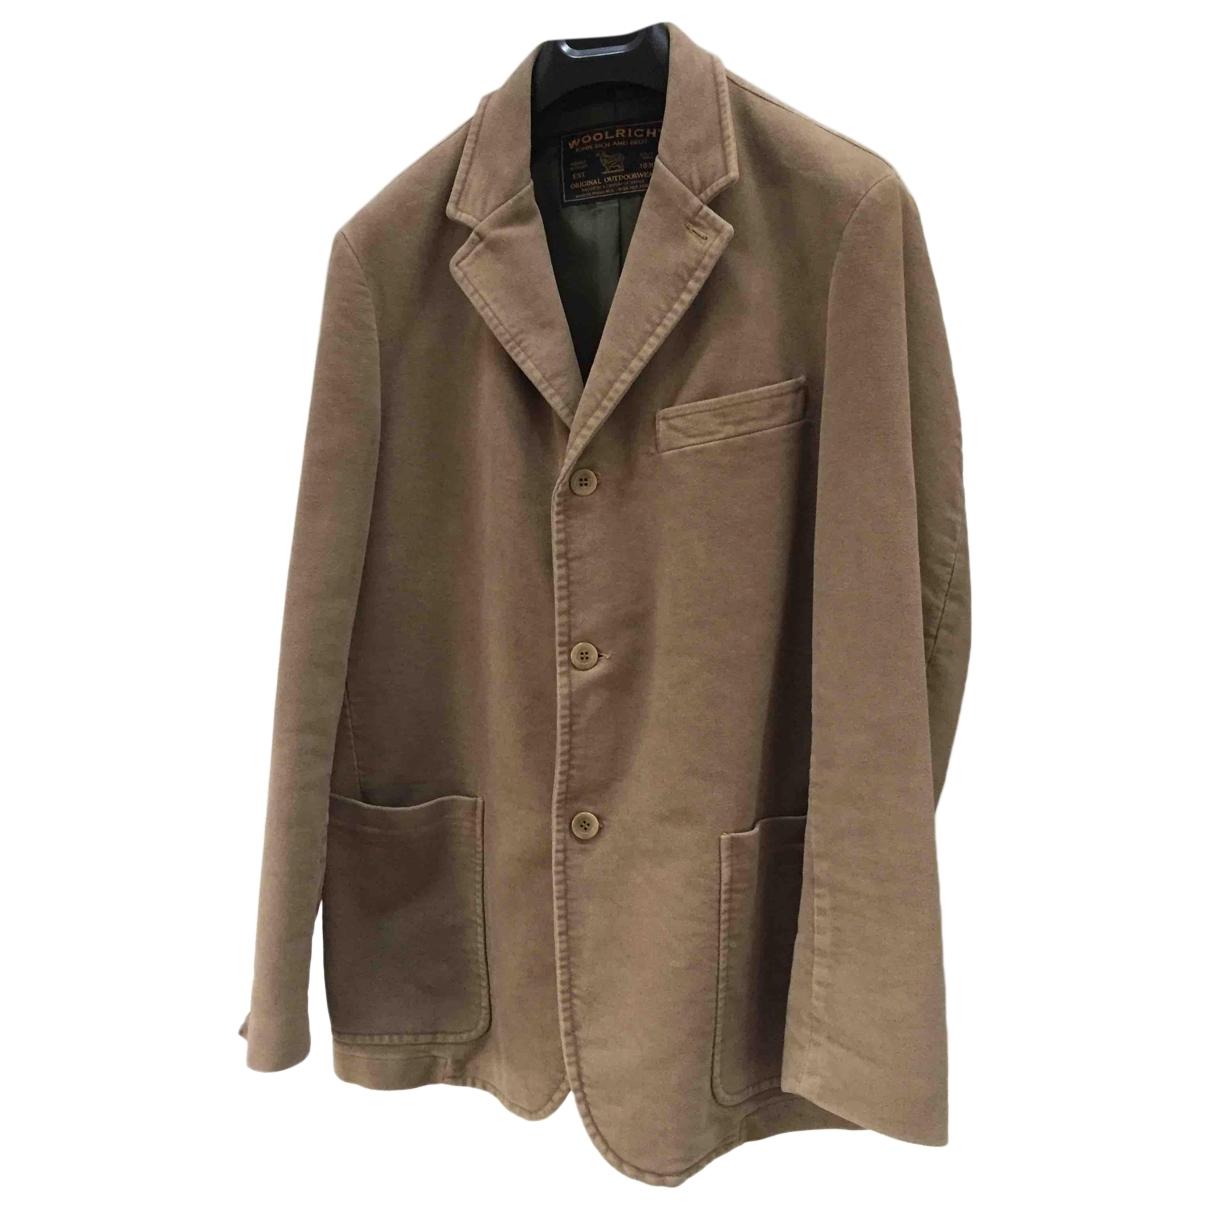 Woolrich - Vestes.Blousons   pour homme en coton - beige